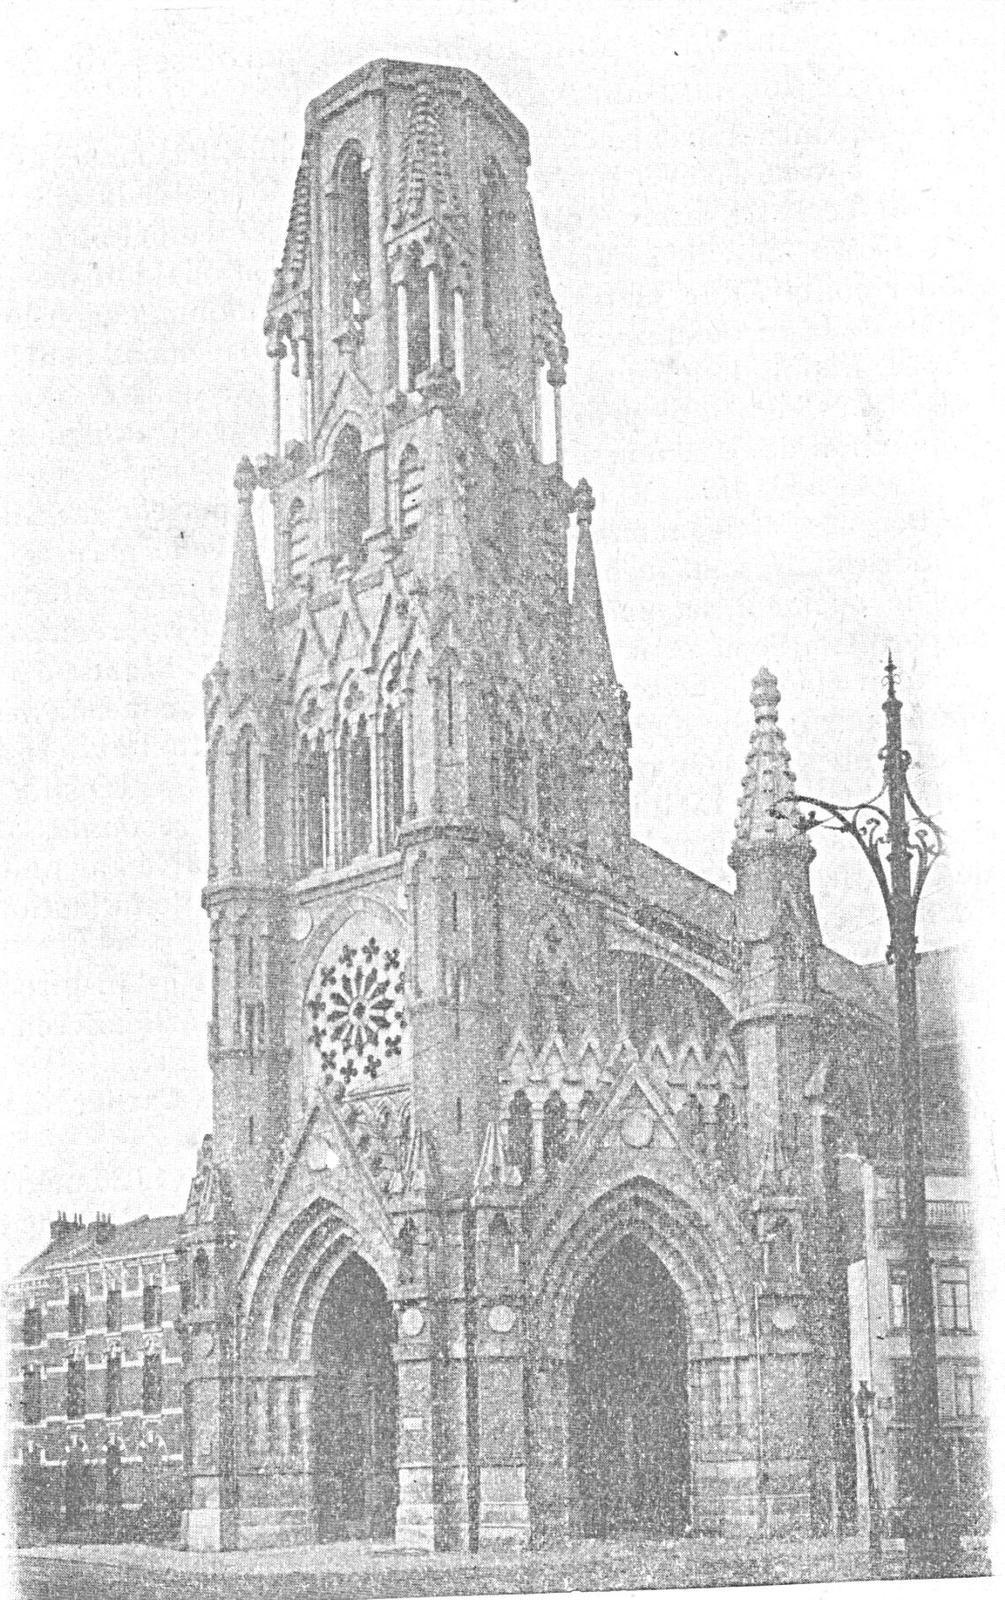 Le clocher aura 75 m de hauteur et portera une statue de 8 m. représentant le Sacré-Coeur.